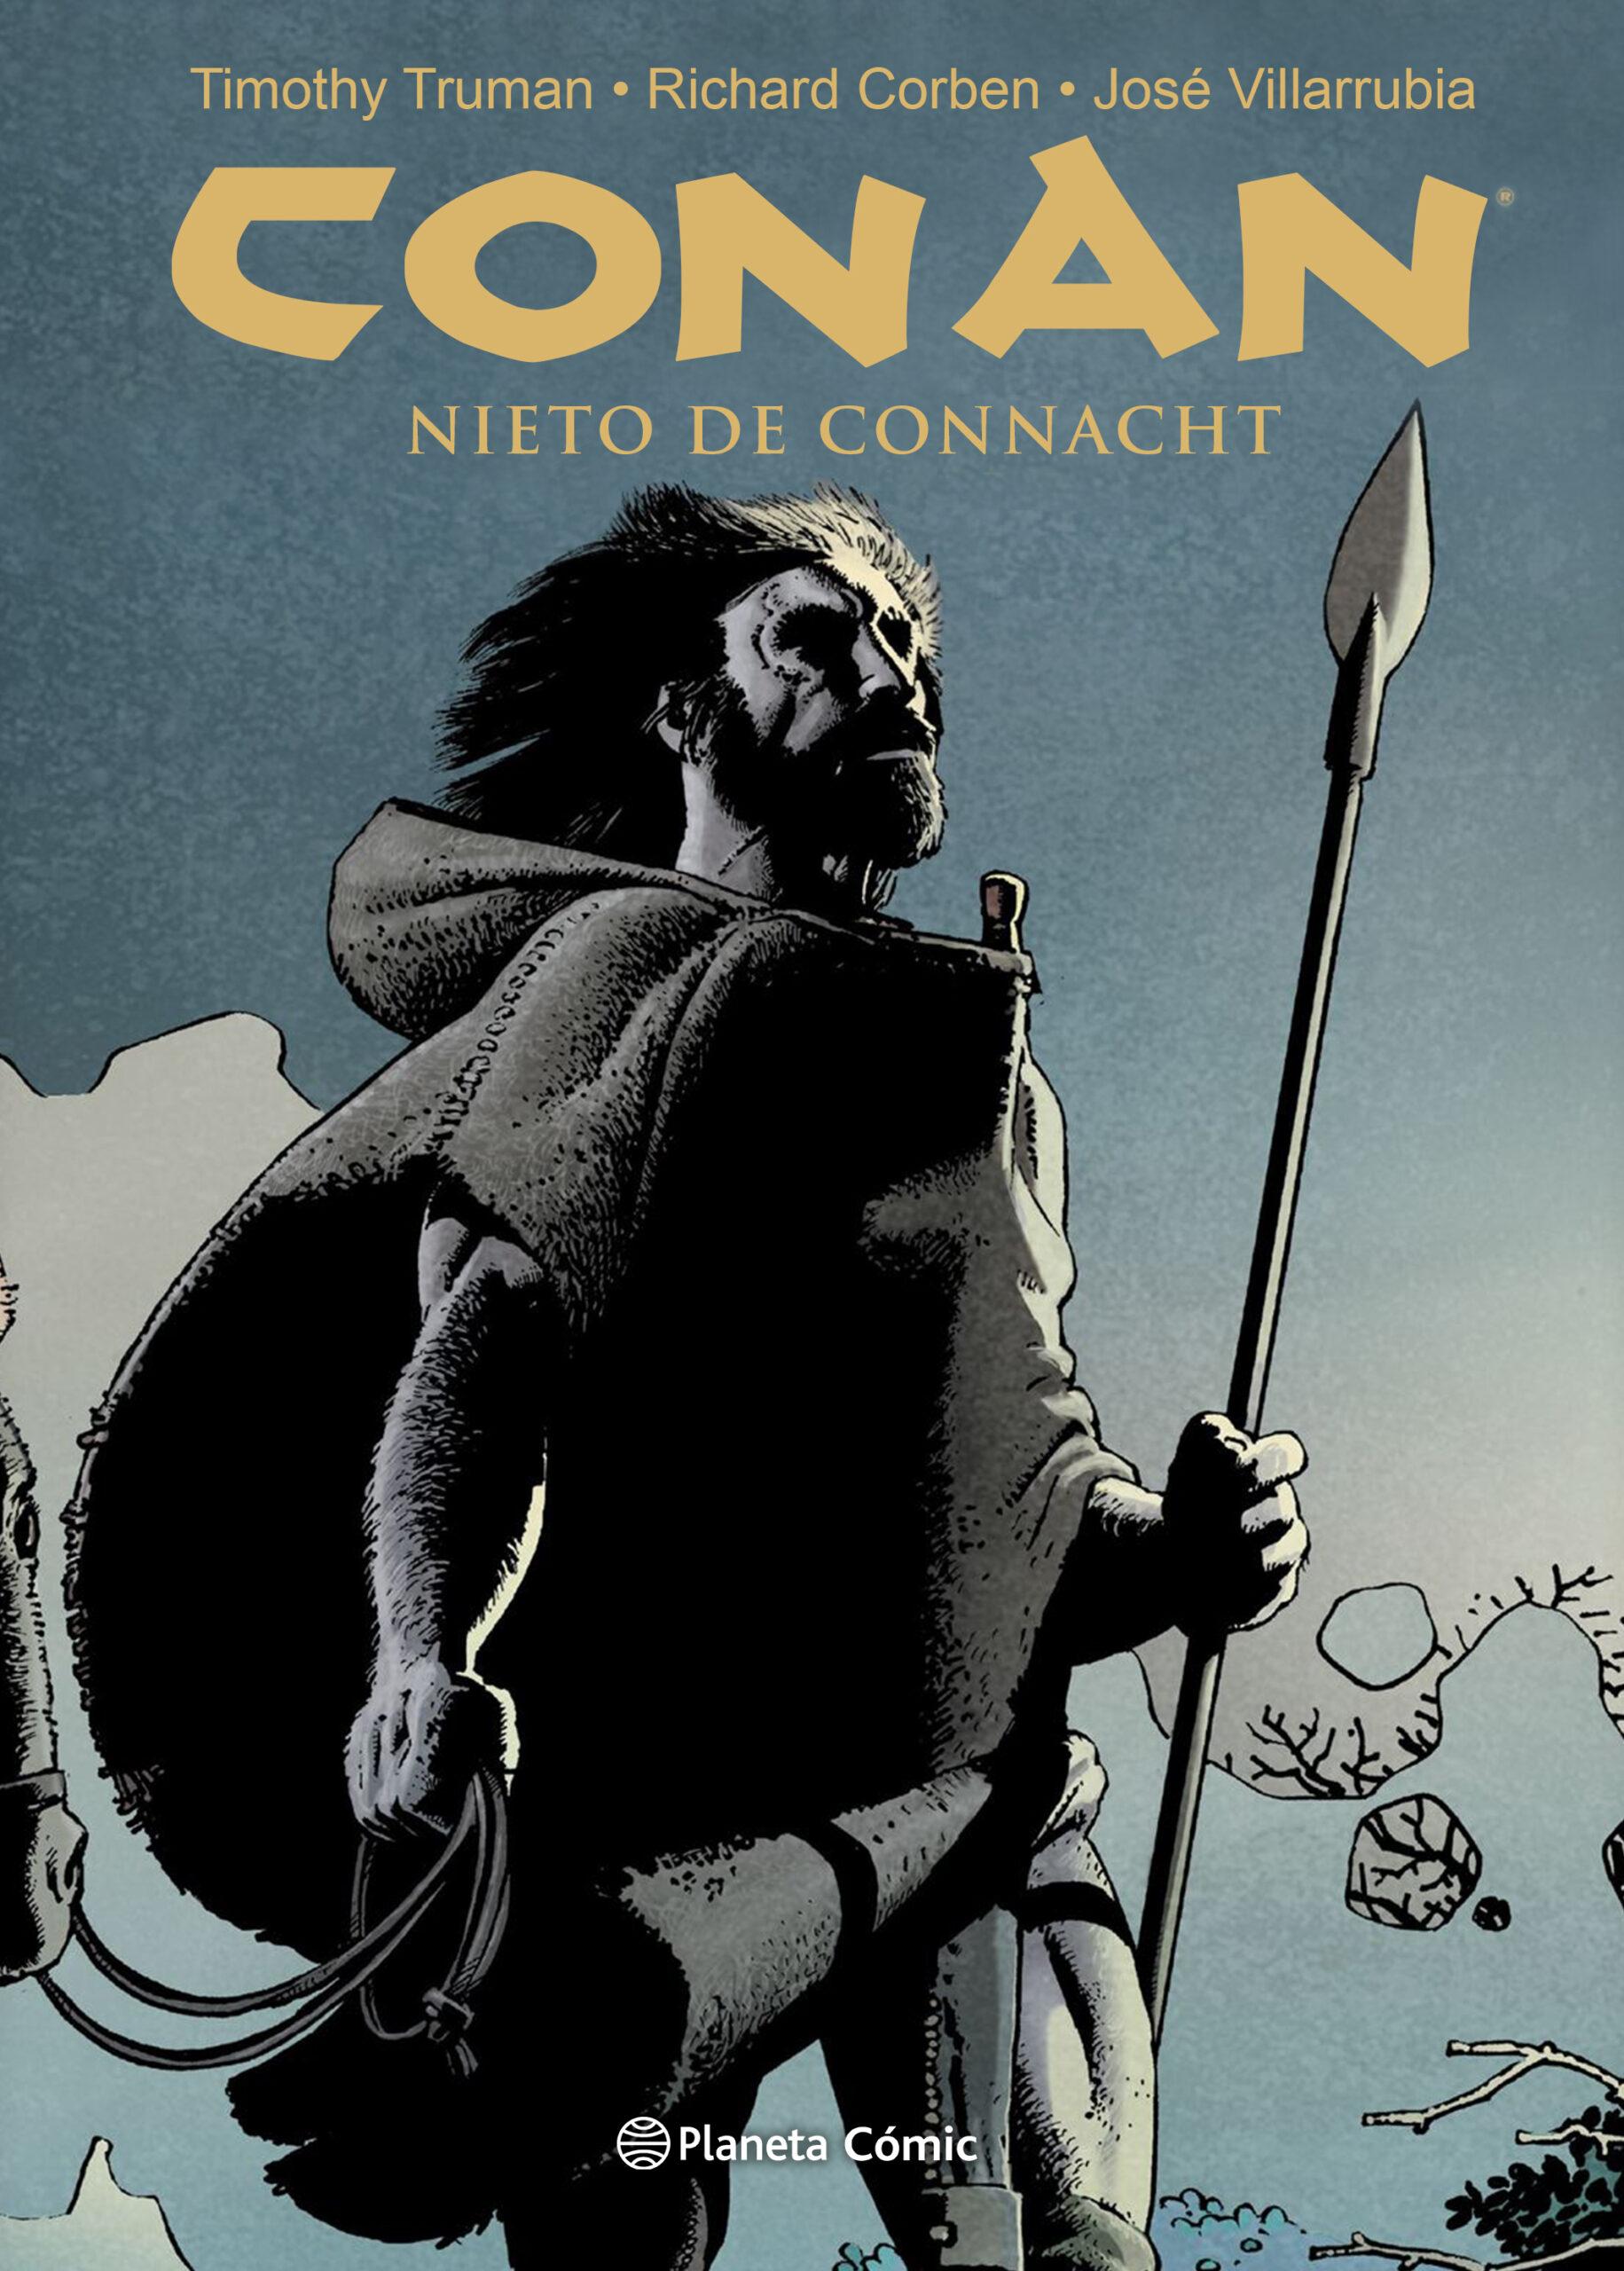 Conan nieto de Connacht